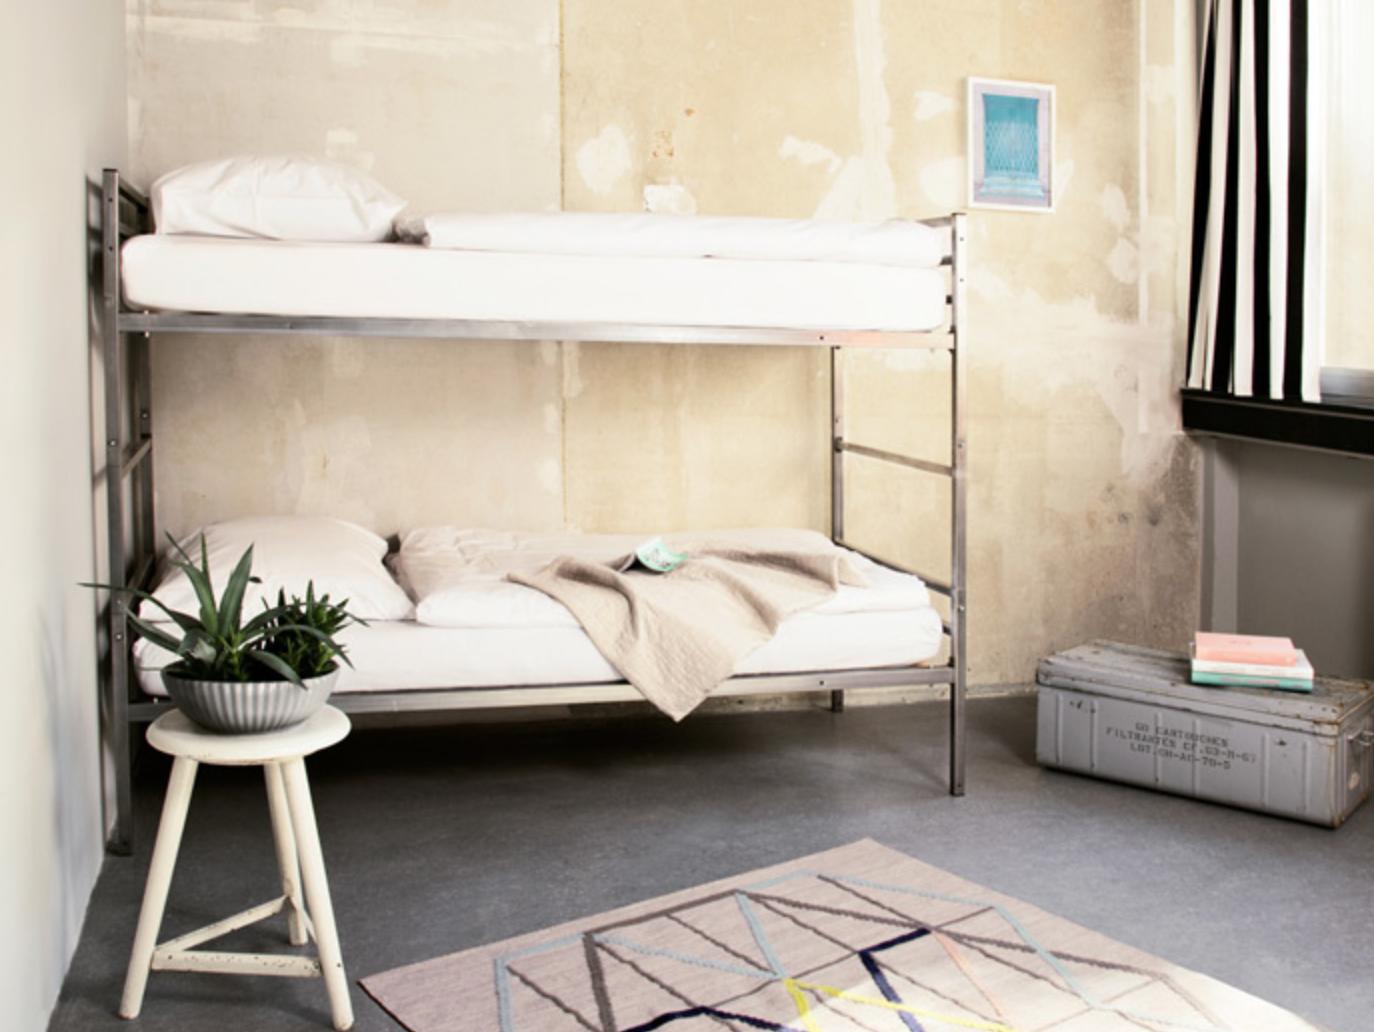 wallyard-hostel-berlin.png